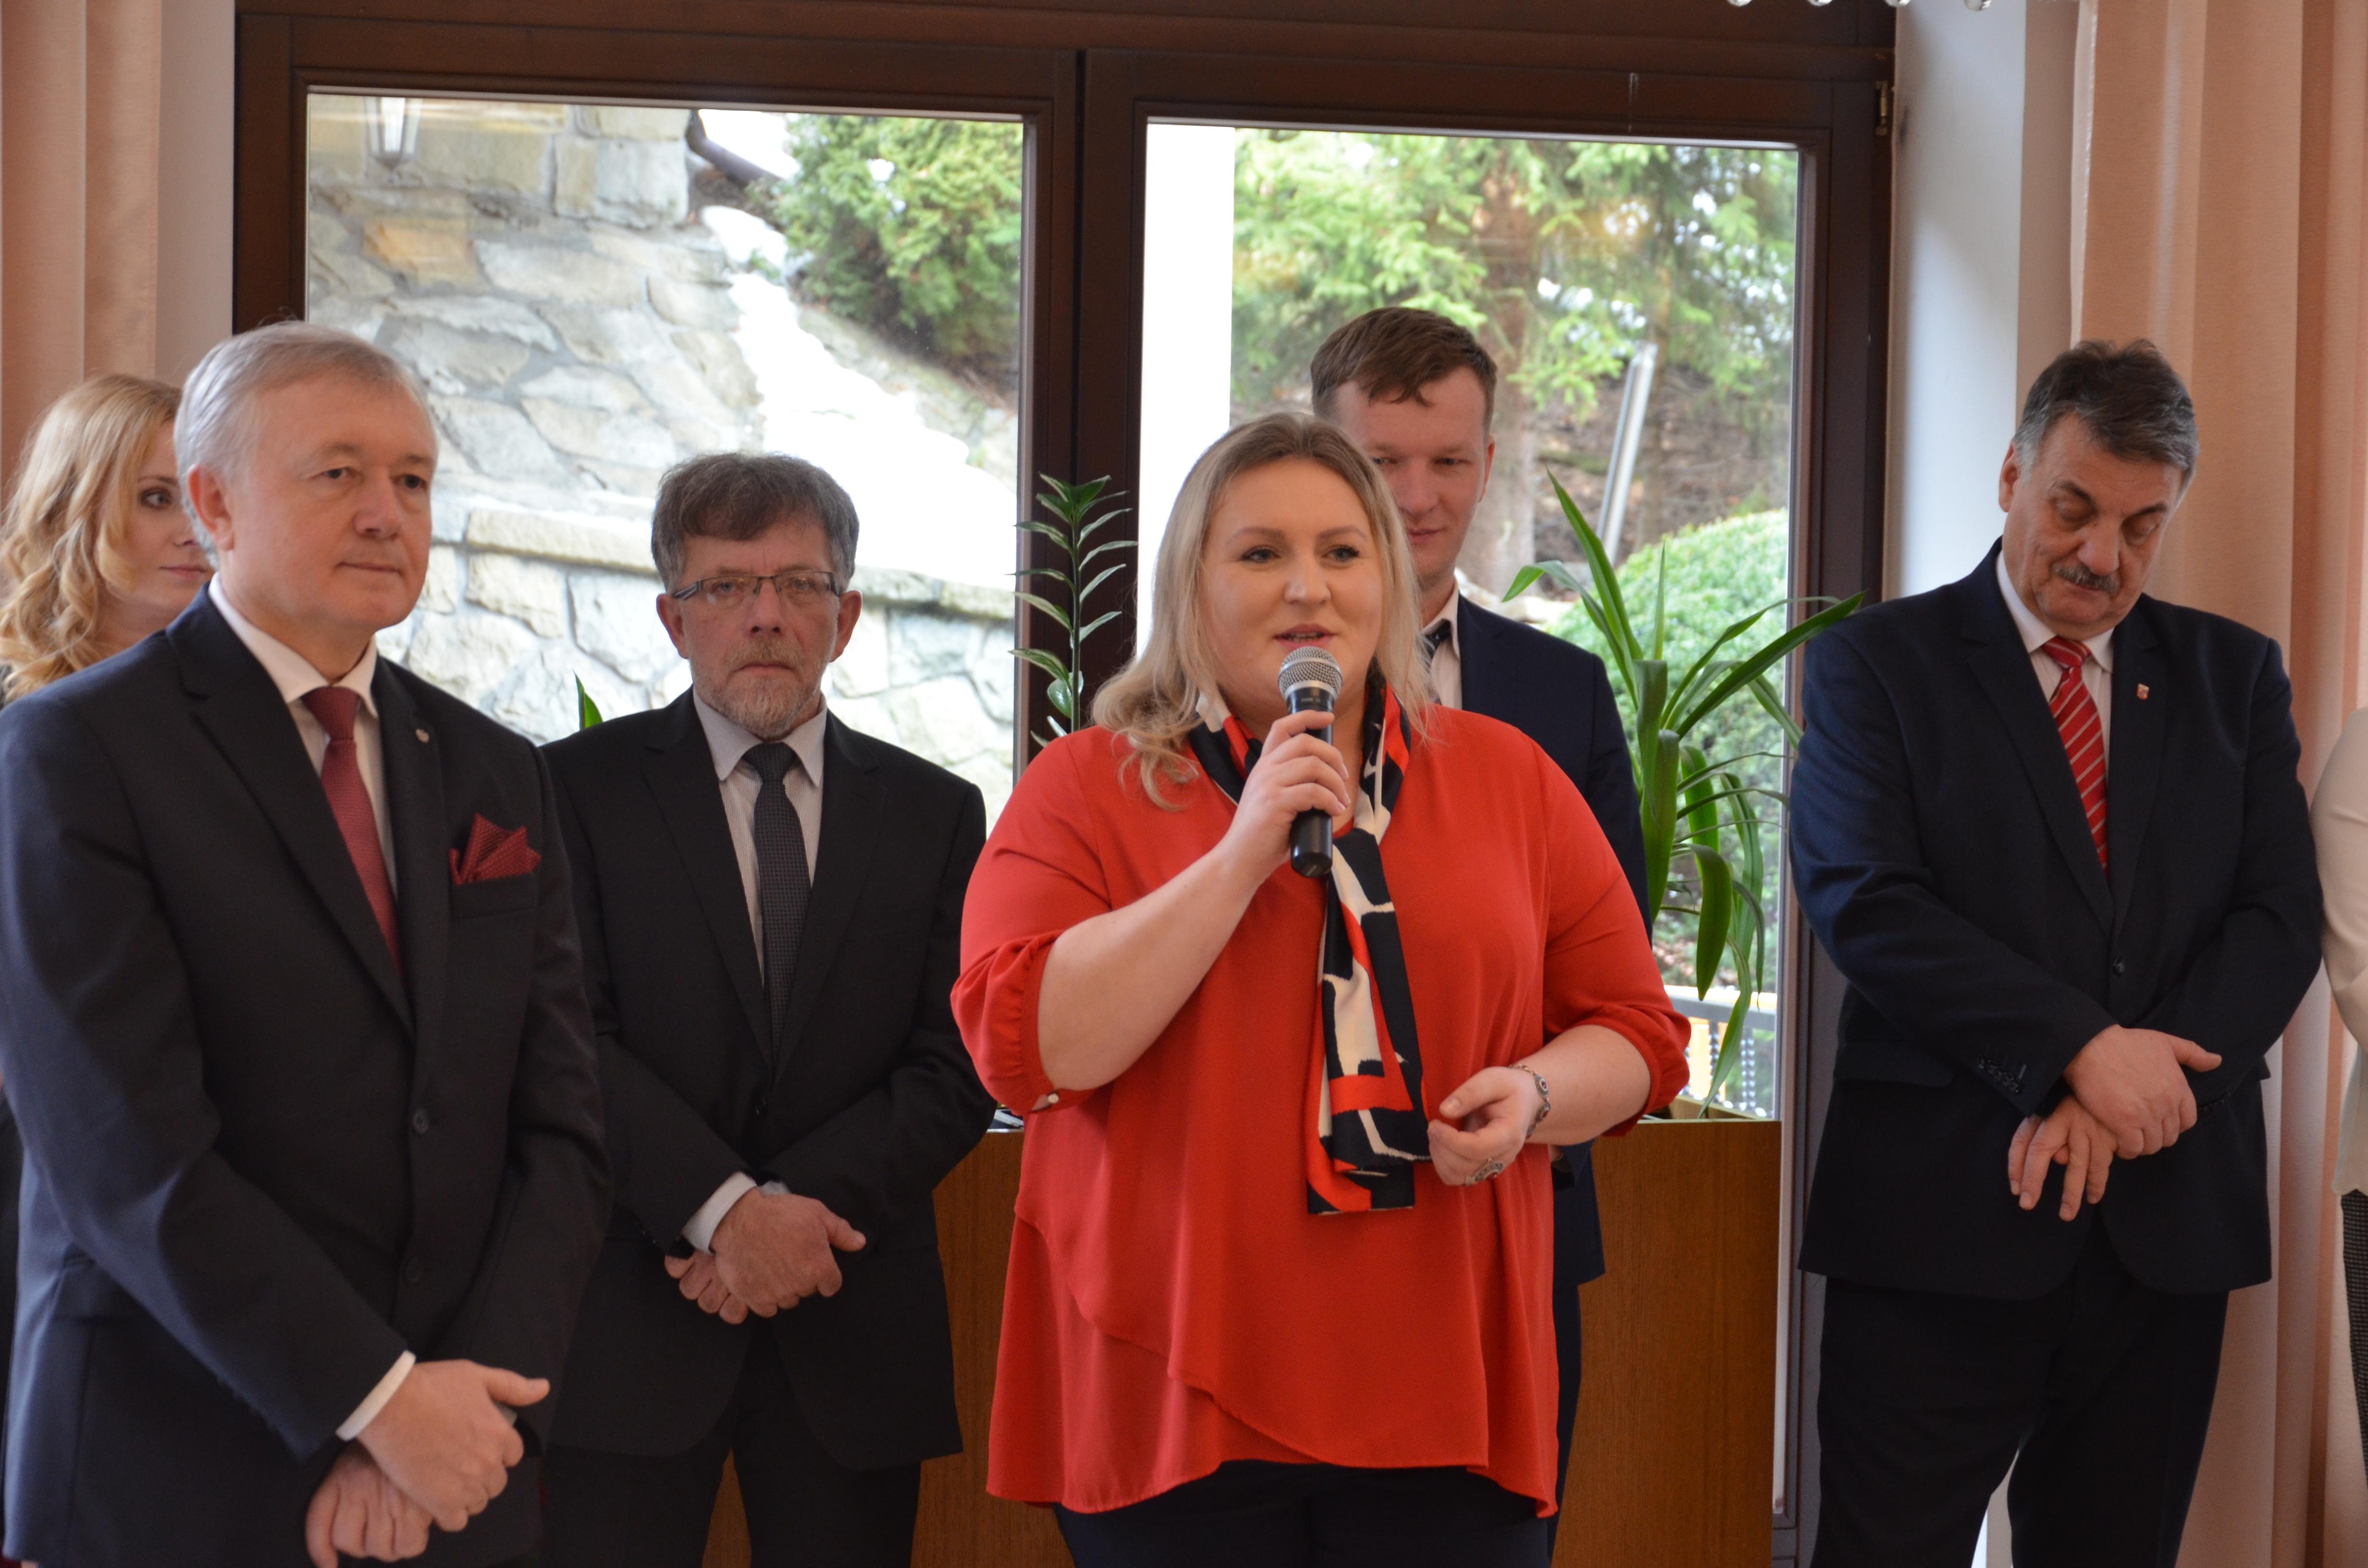 Przewodnicząca Rady Powiatu Limanowskiego Ewa Filipiak składa jubilatom życzenia. W tle Poseł W. Janczyk oraz przedstawiciele gminy i miasta mszana dolna.